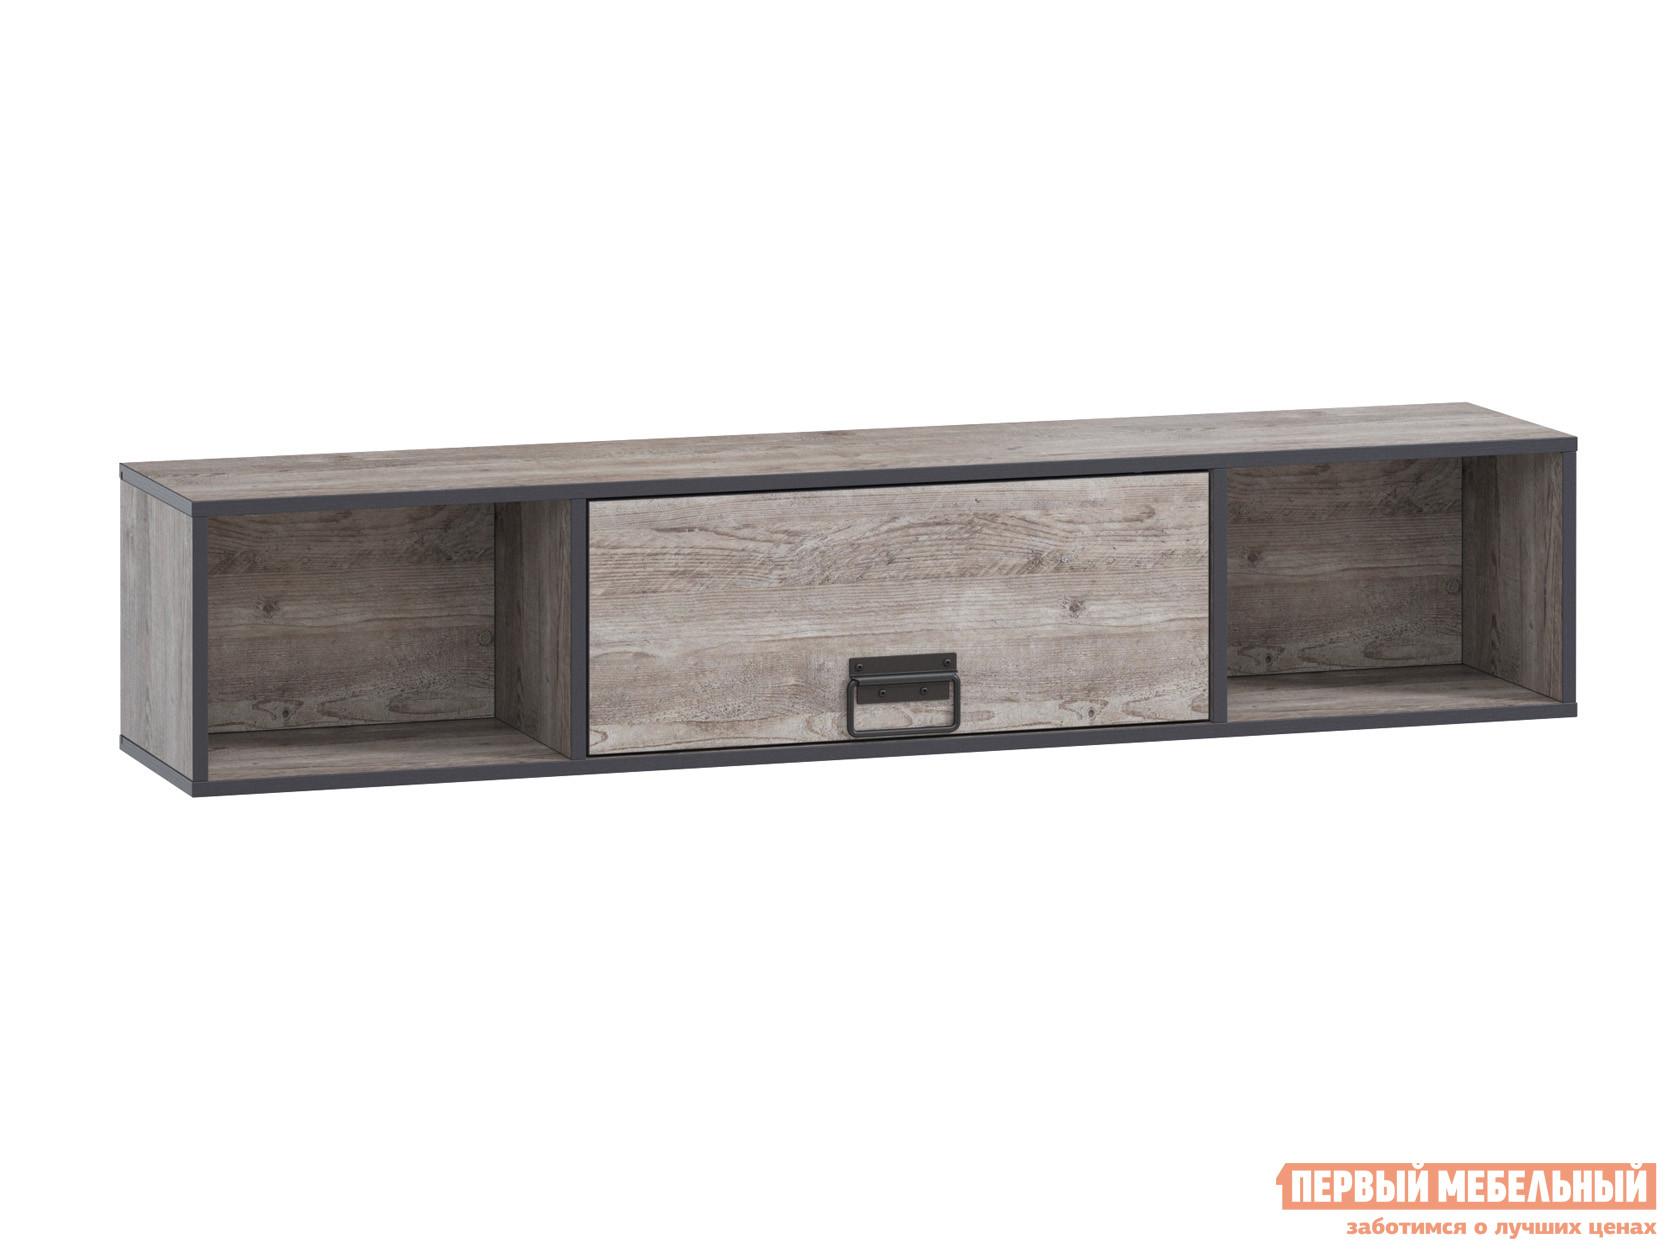 Настенная полка WOODCRAFT Эссен Полка №2 шкаф распашной woodcraft эссен шкаф 1 дверь